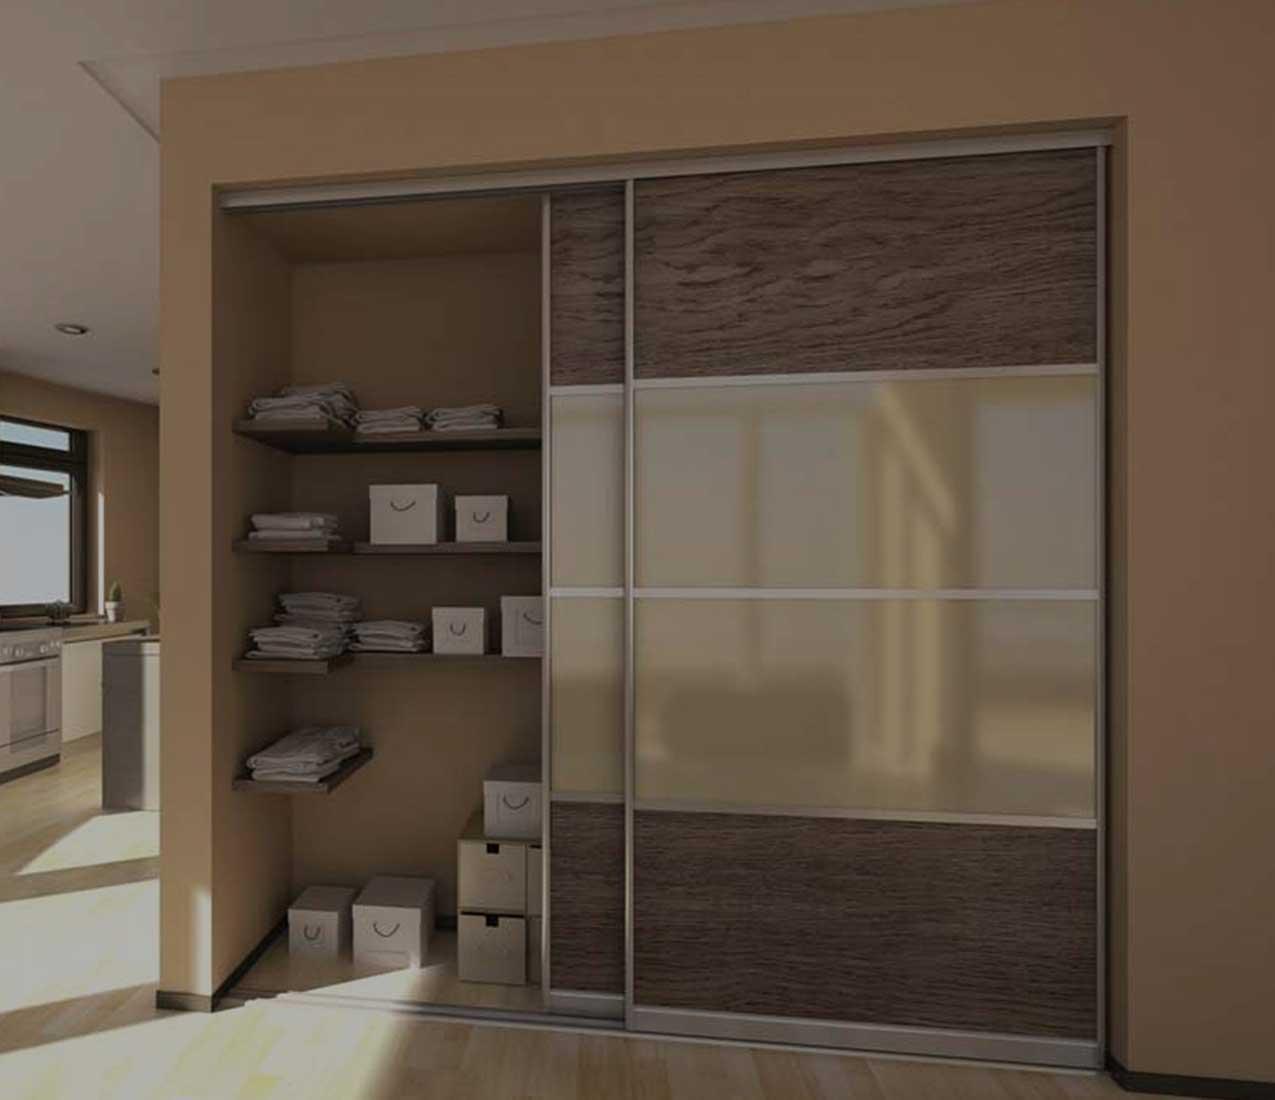 DKB-Bedroom-storage-placeholder